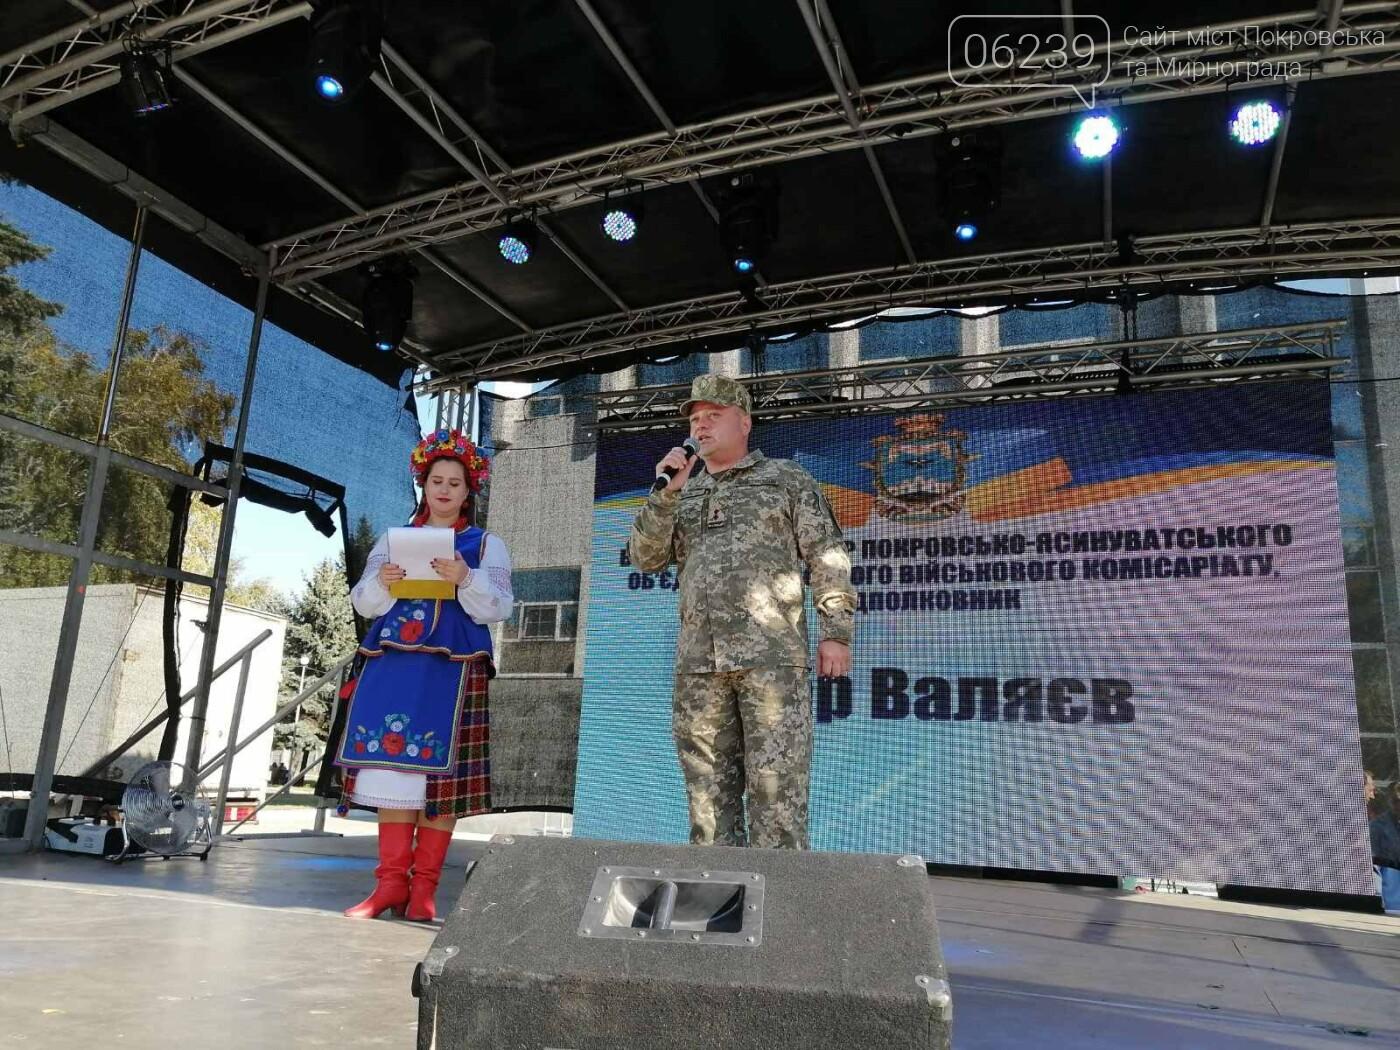 Святкова программа на честь святкування Дня захисника триває у Покровську, фото-17